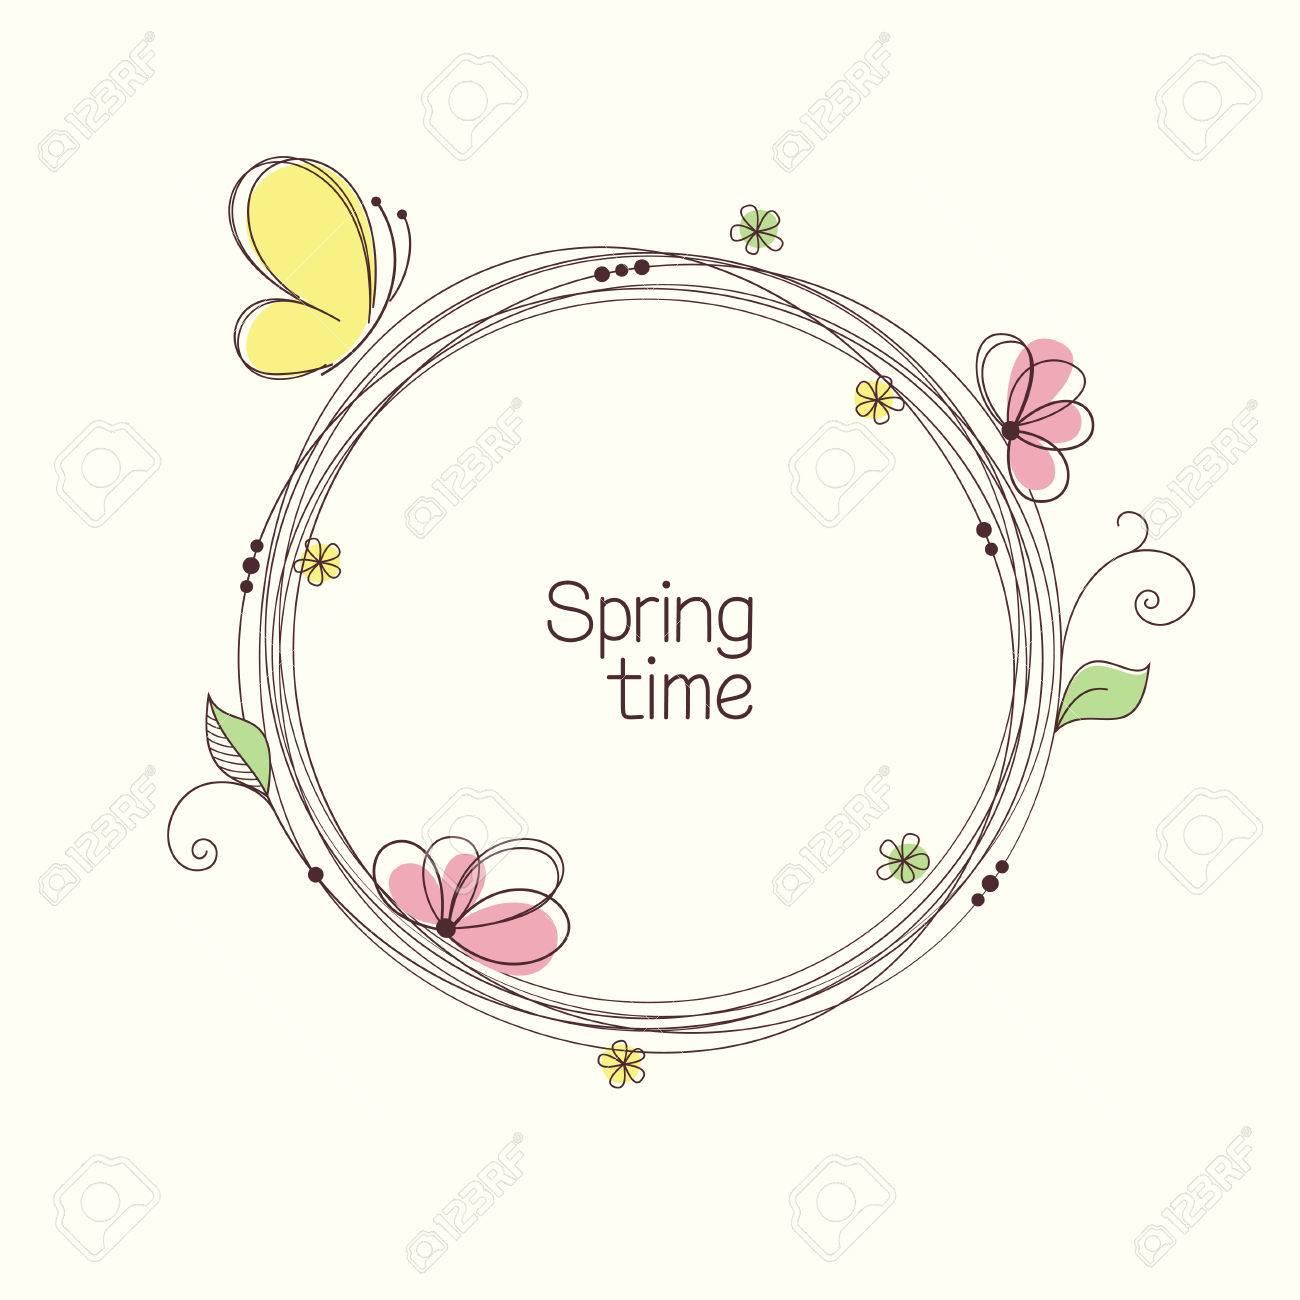 Stilisierte Kranz Mit Blumen Und Schmetterling. Round Floralen ...